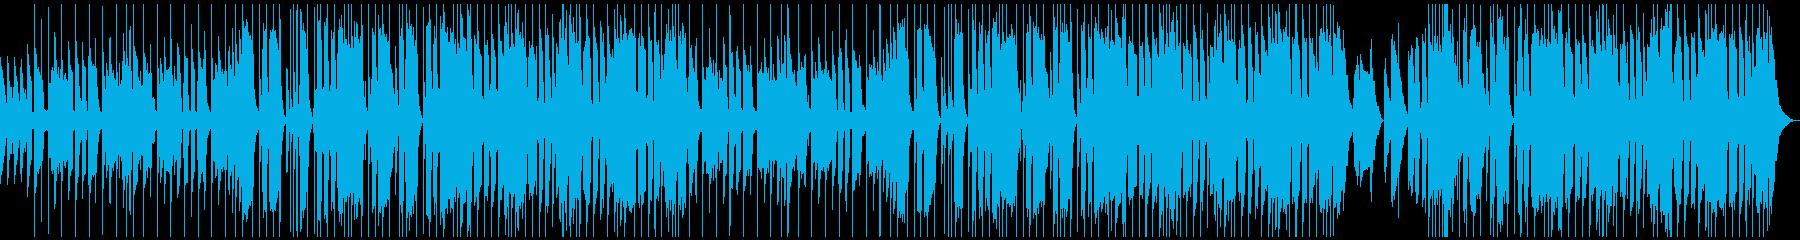 ブルース インディーズ ロック ポ...の再生済みの波形